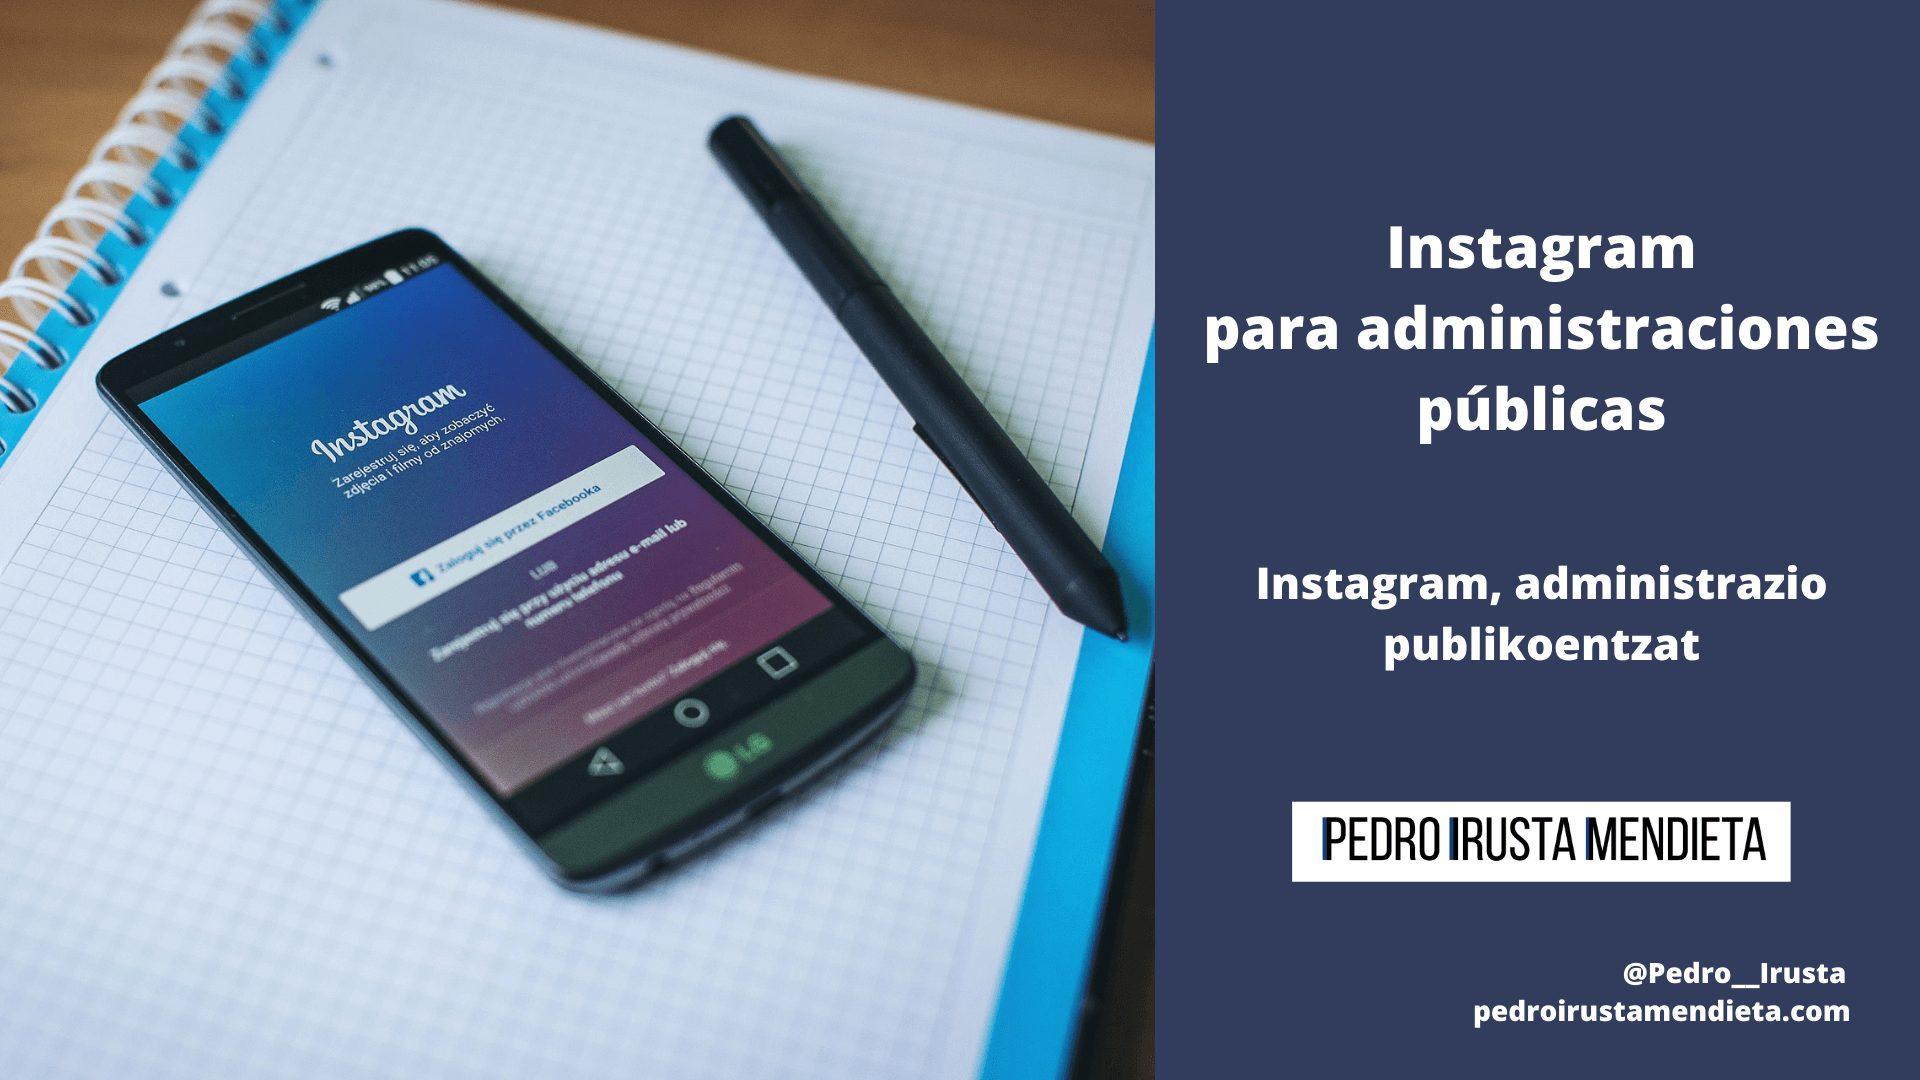 Instagram para administraciones públicas